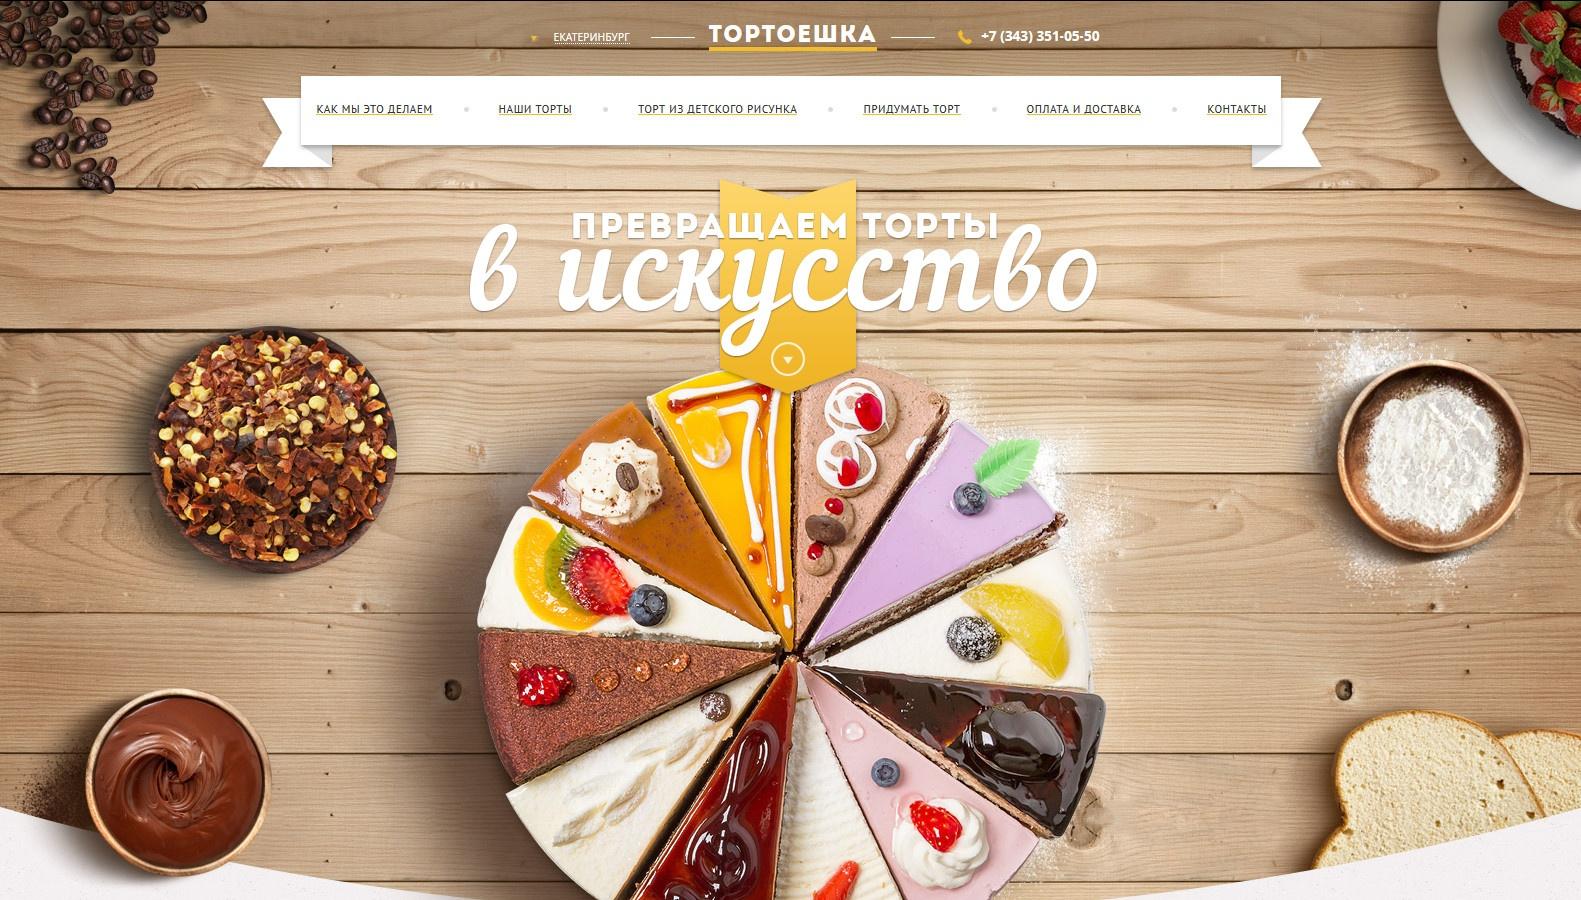 Иллюстрация к статье: Шаблоны по бизнес-нишам: торты на заказ